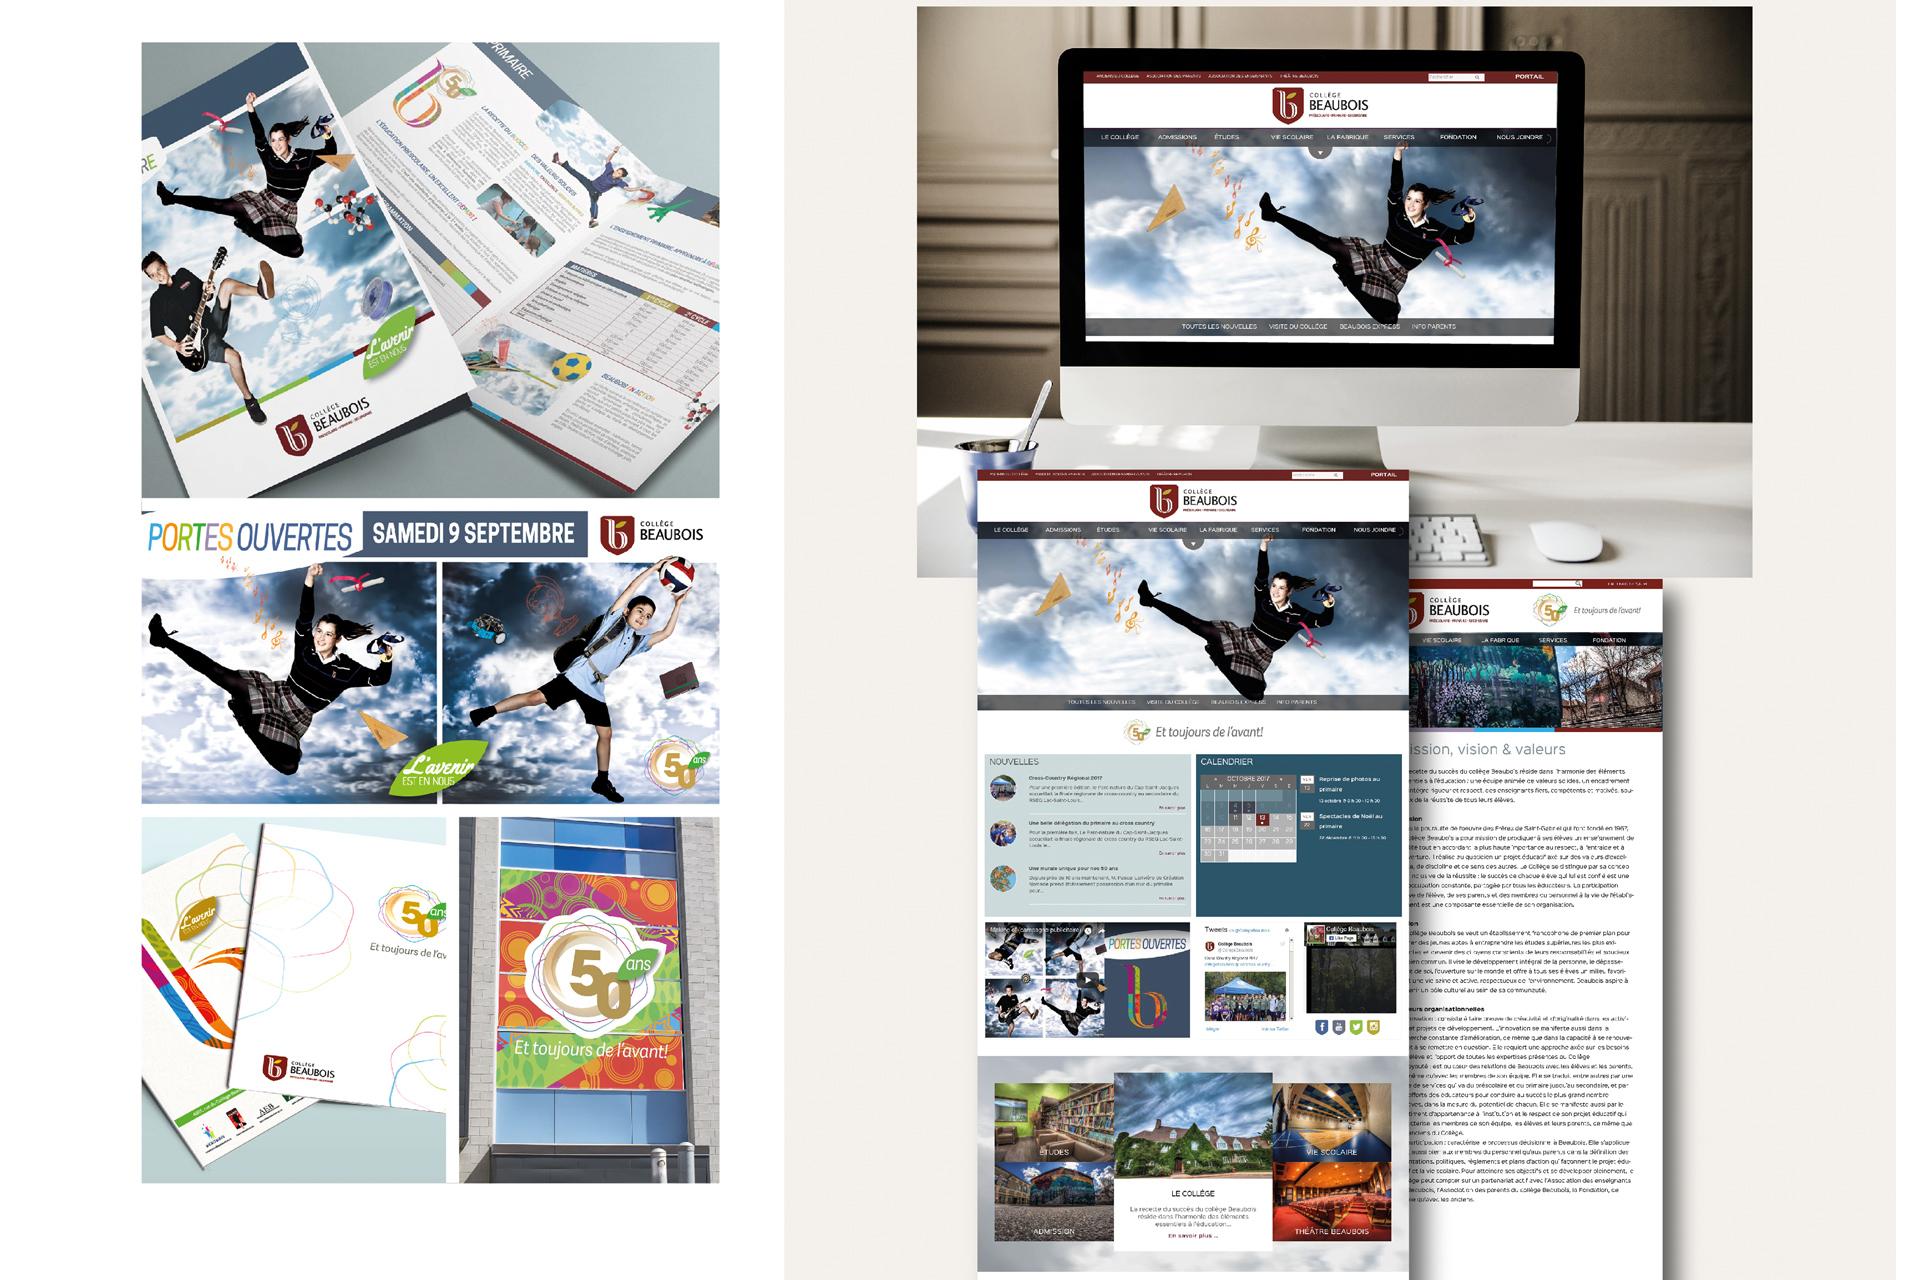 Campagne de publicité Collège Beaubois